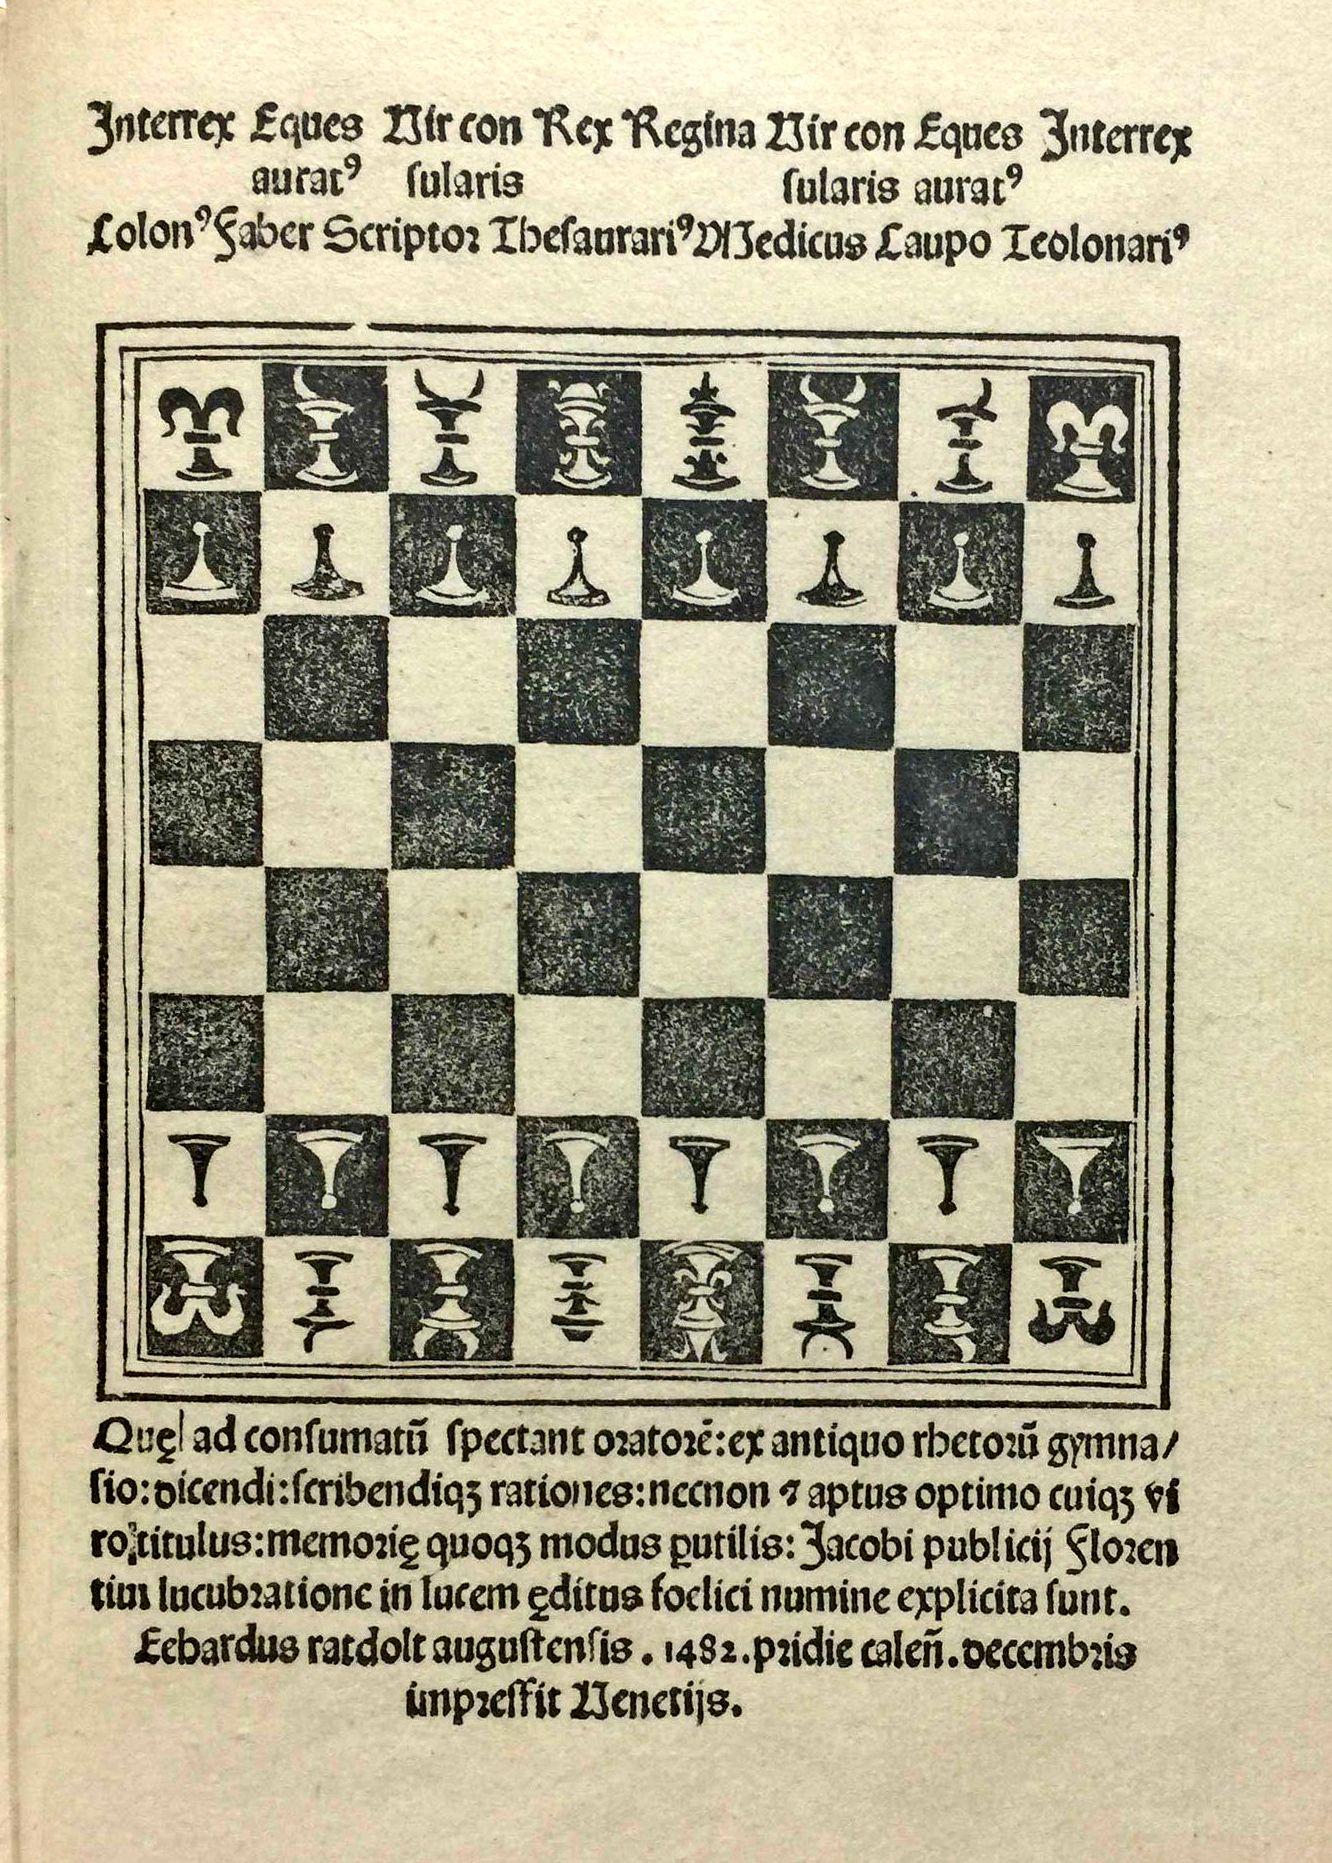 Chess set and layout from the Ars oratoria; Ars epistolandi; Ars memorativa of Jacobus Publicius